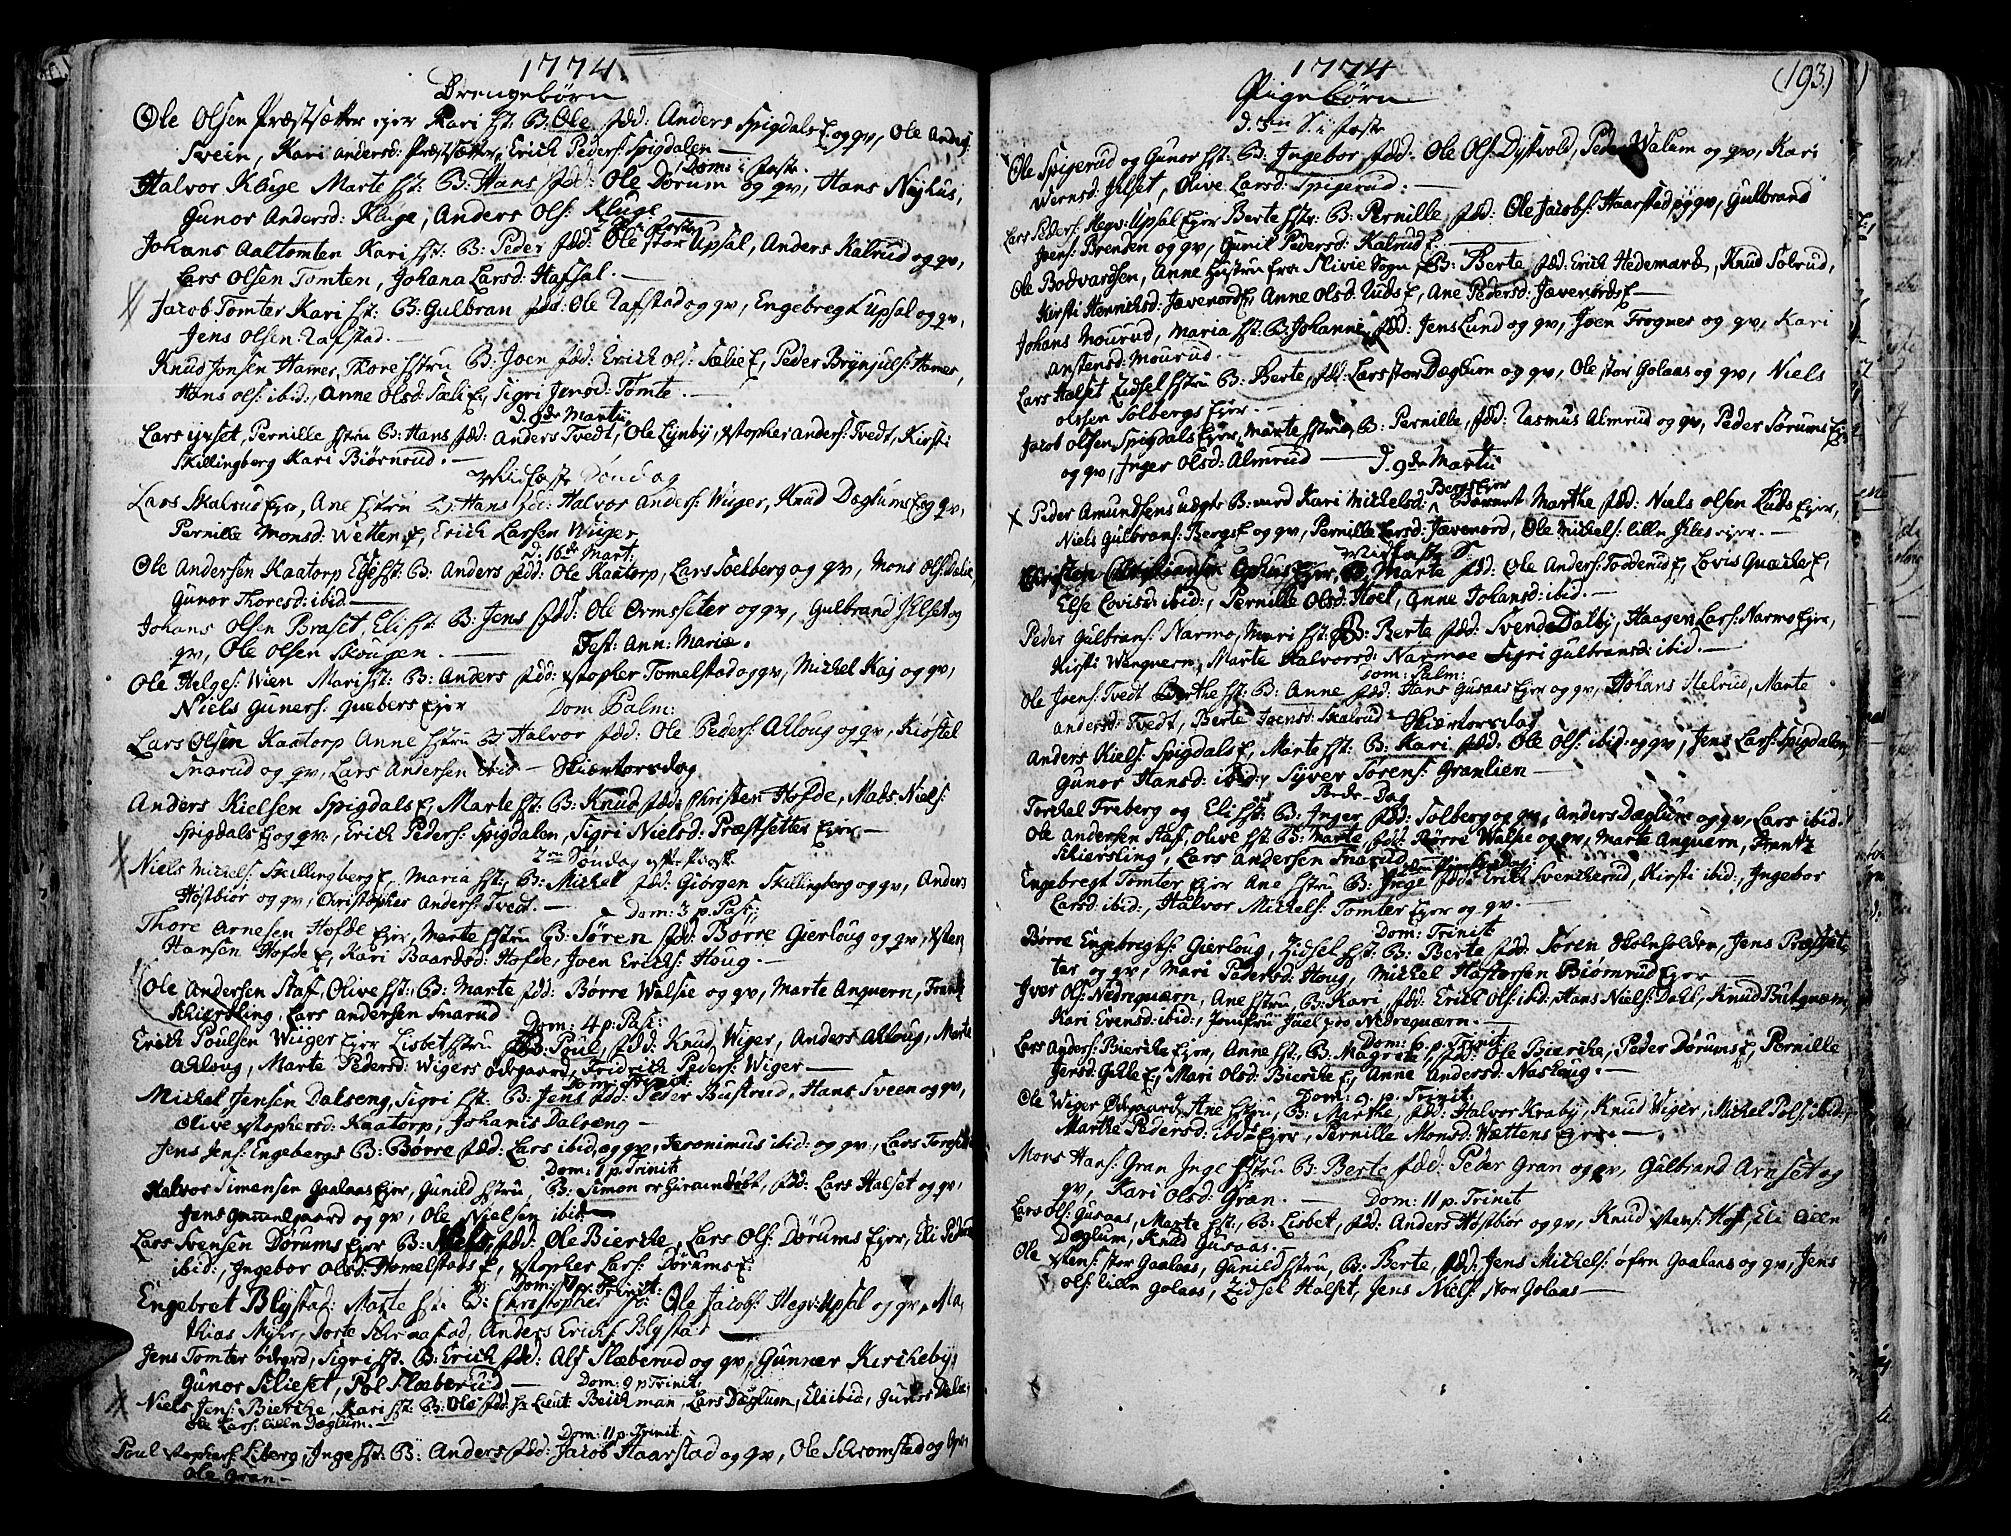 SAH, Vang prestekontor, Hedmark, H/Ha/Haa/L0003: Ministerialbok nr. 3, 1734-1809, s. 193